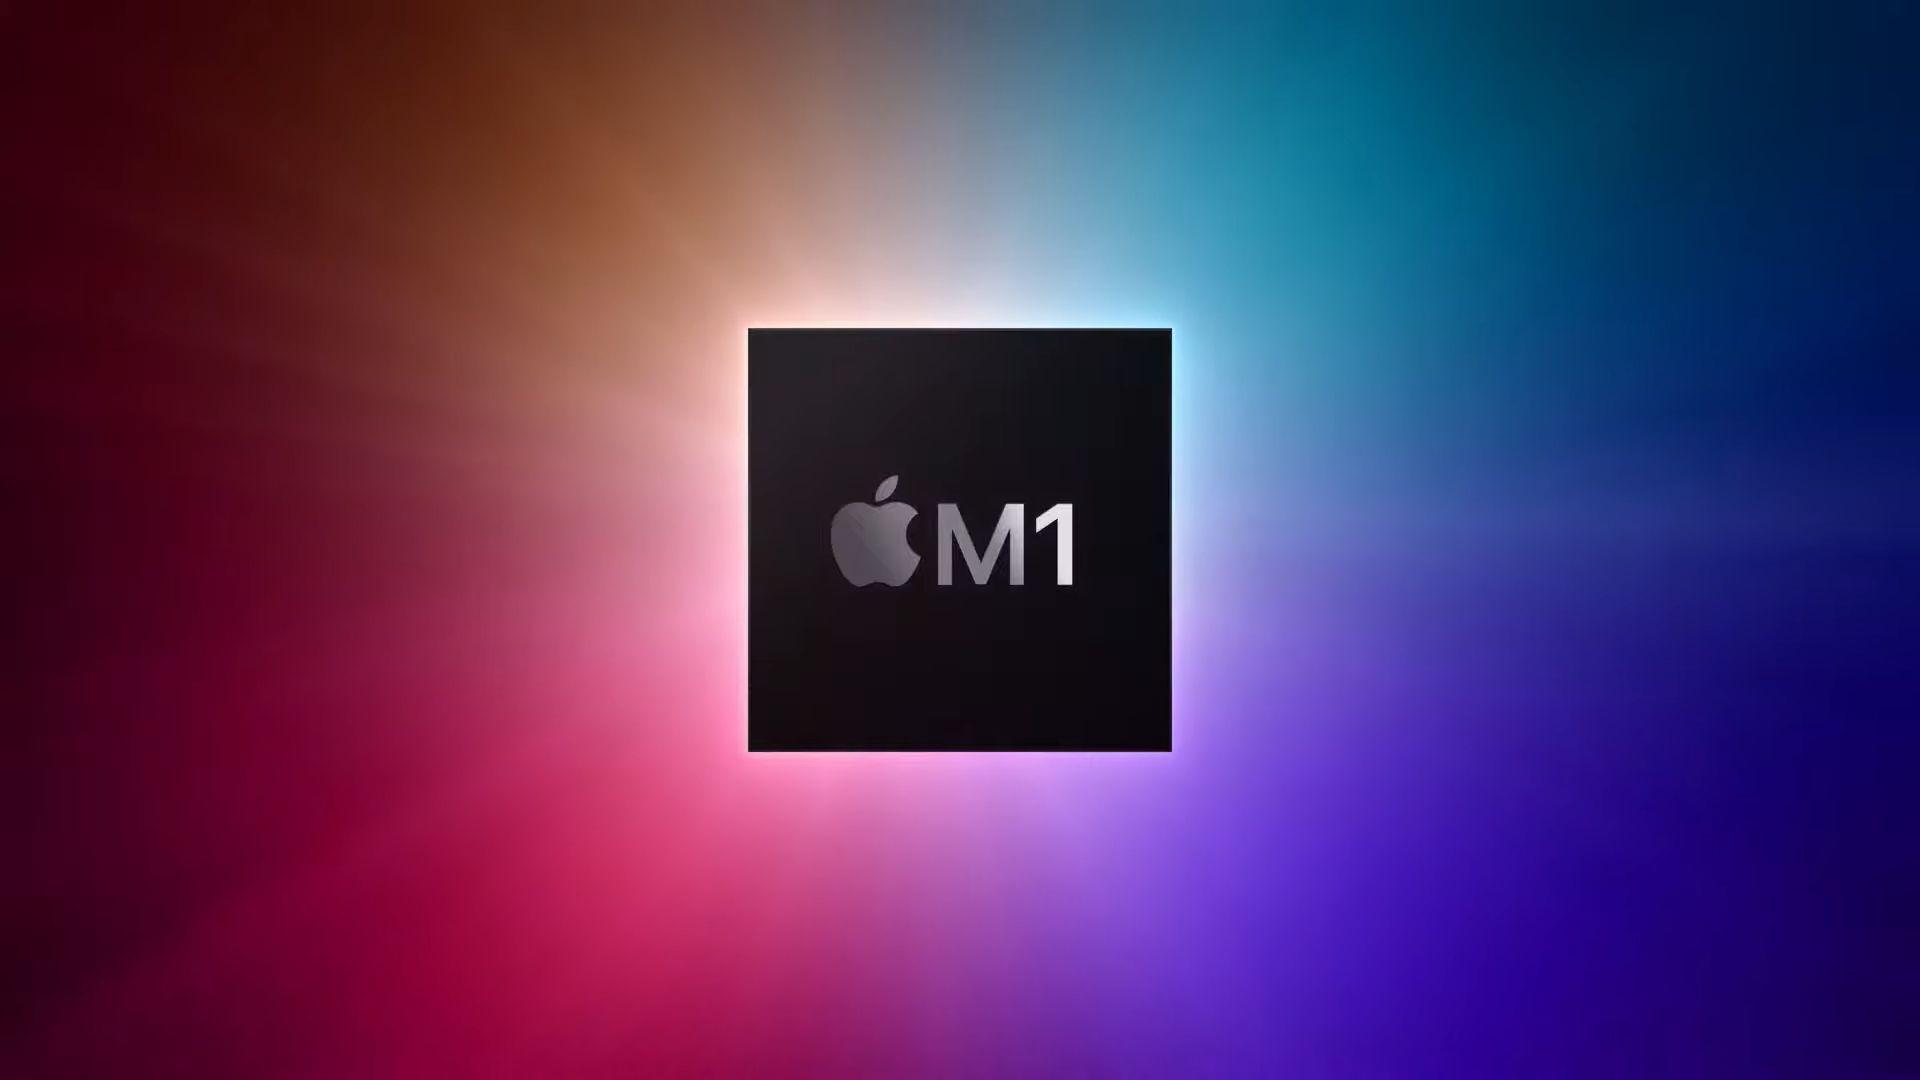 El nuevo MacBook Pro de Apple con el chipset M1 tiene hasta 17 horas de vida